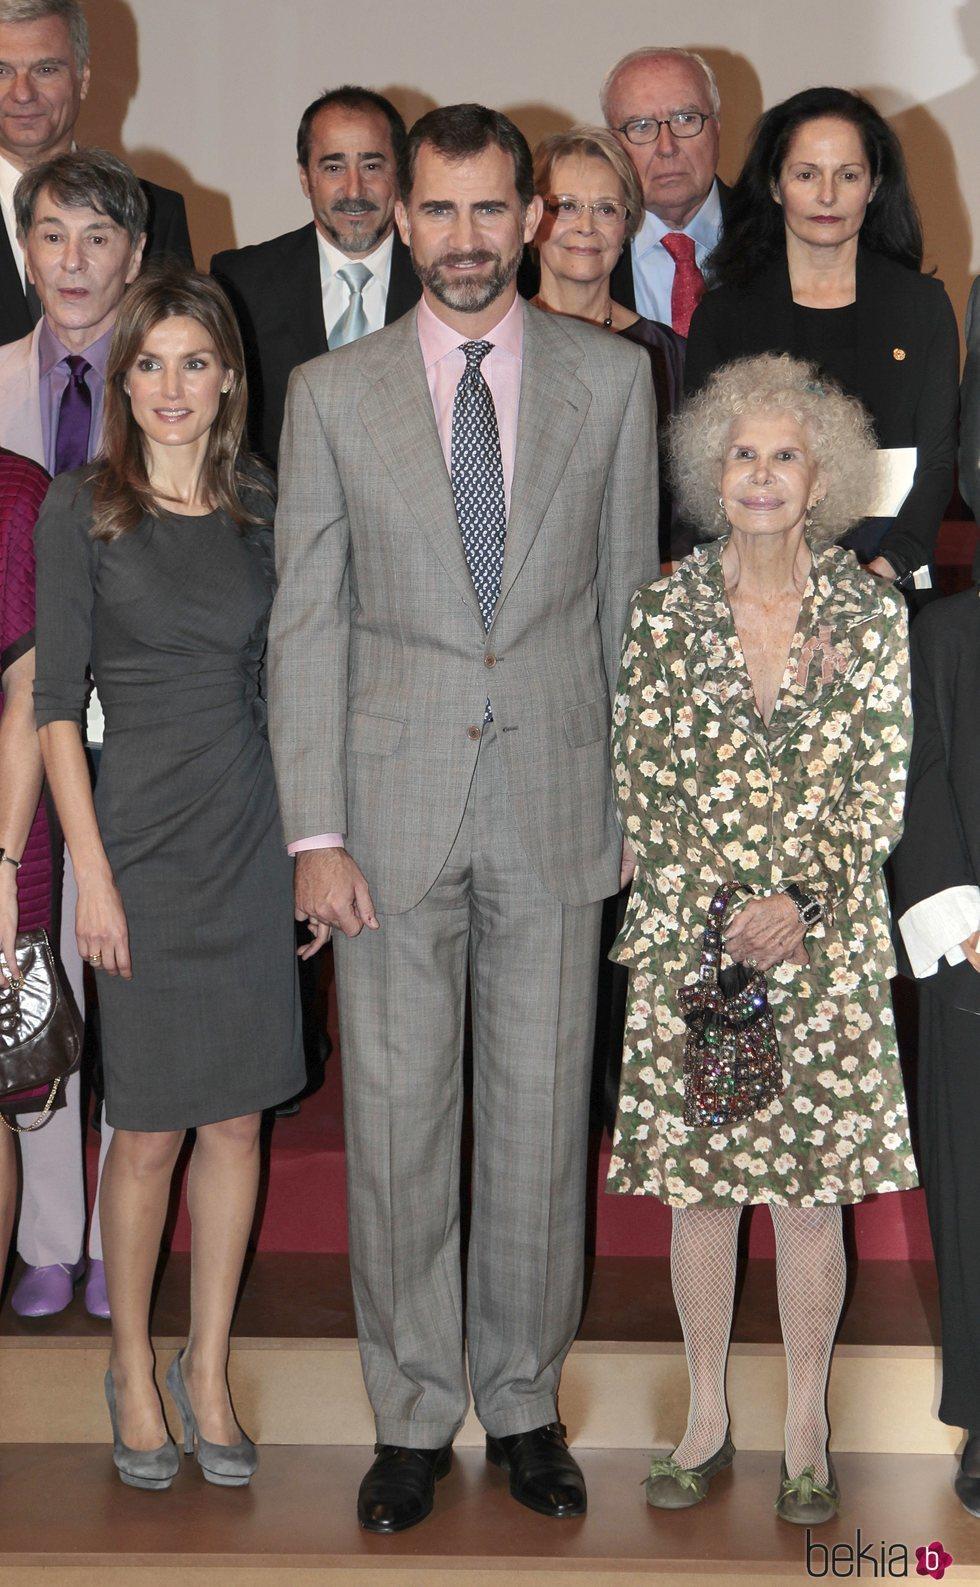 Los Reyes Felipe y Letizia y la Duquesa de Alba en la entrega de las Medallas al Mérito de las Bellas Artes 2010